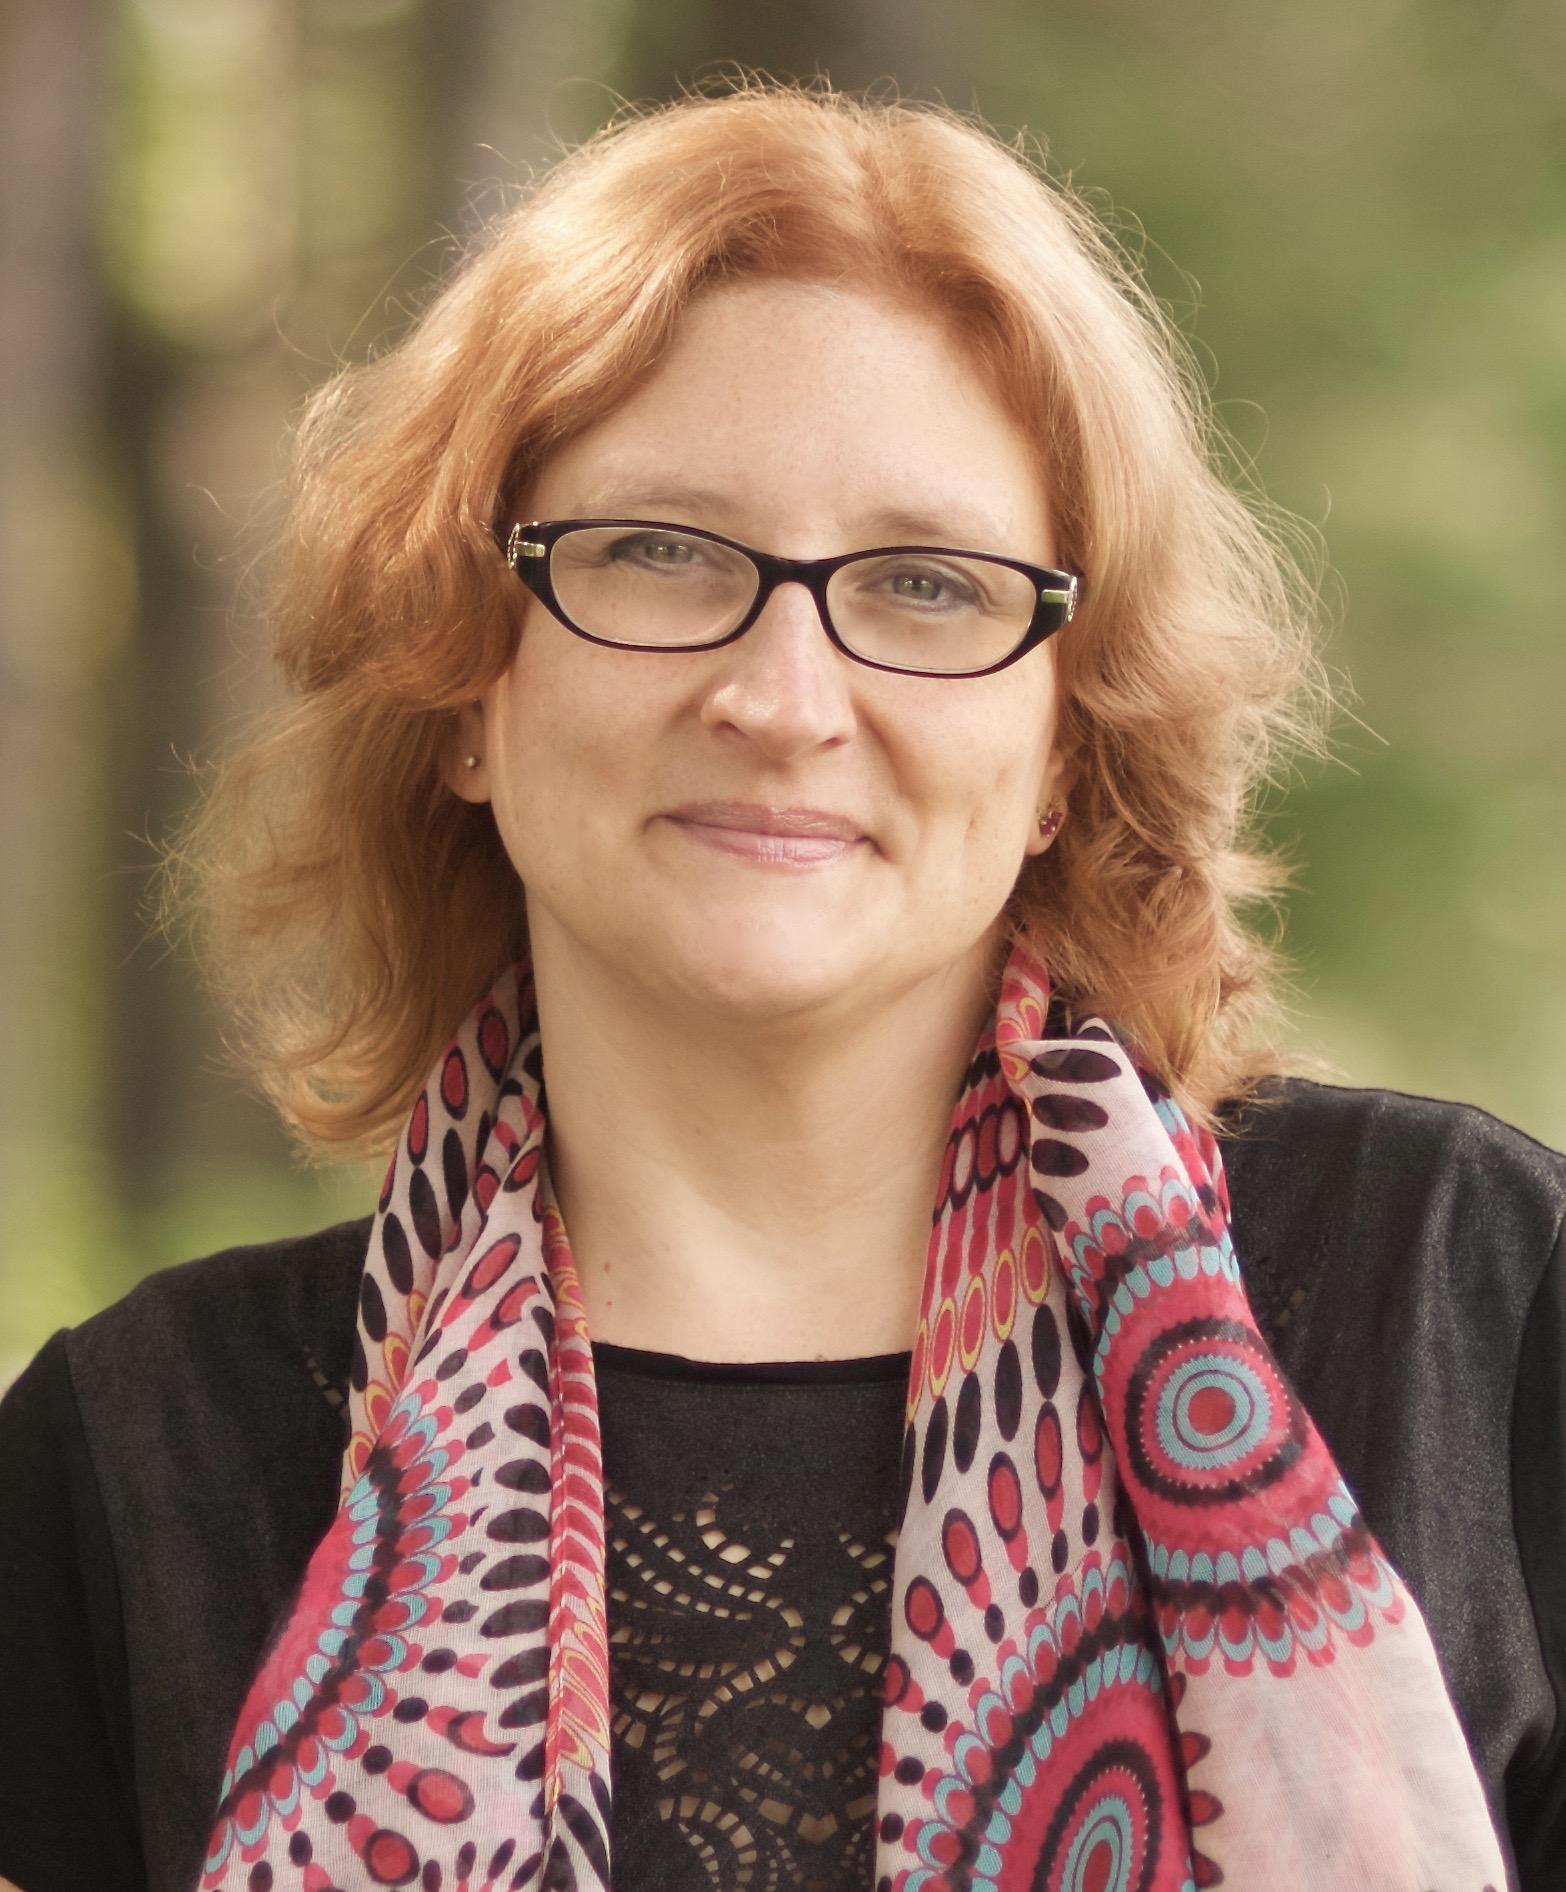 Shelley Nicholson